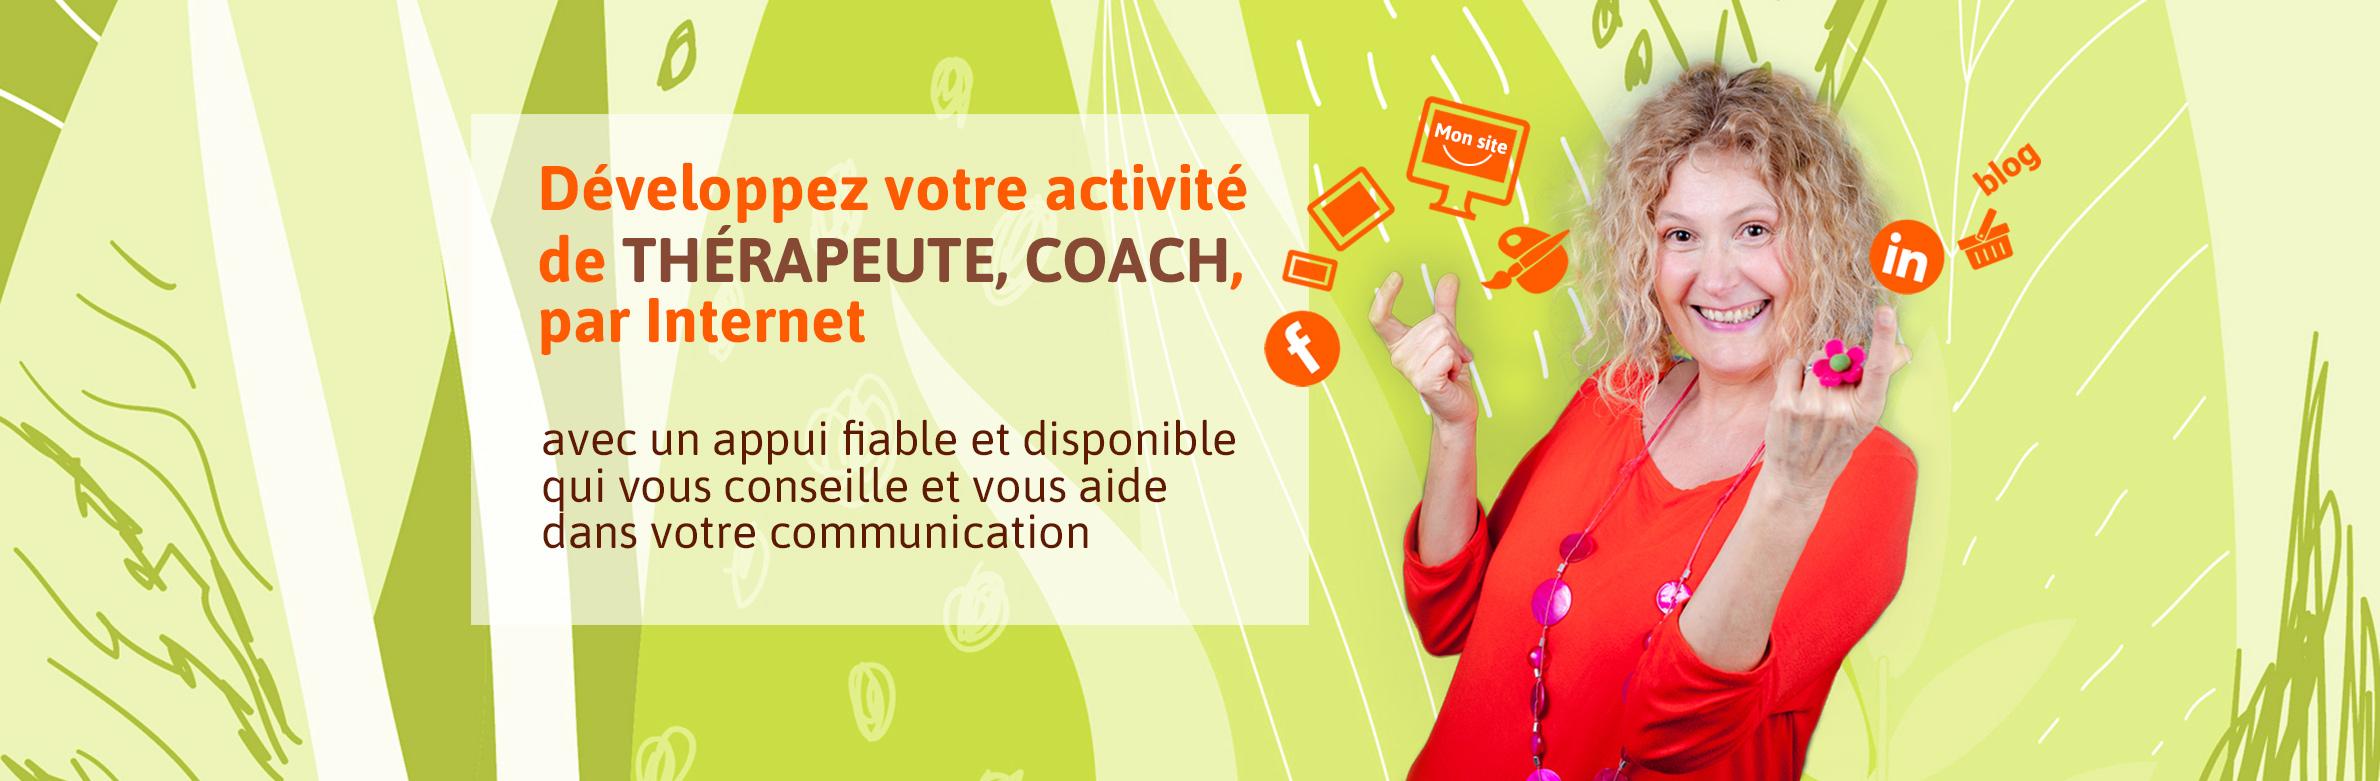 Createur De Site Internet createur de site internet à lyon spécial thérapeutes et coachs